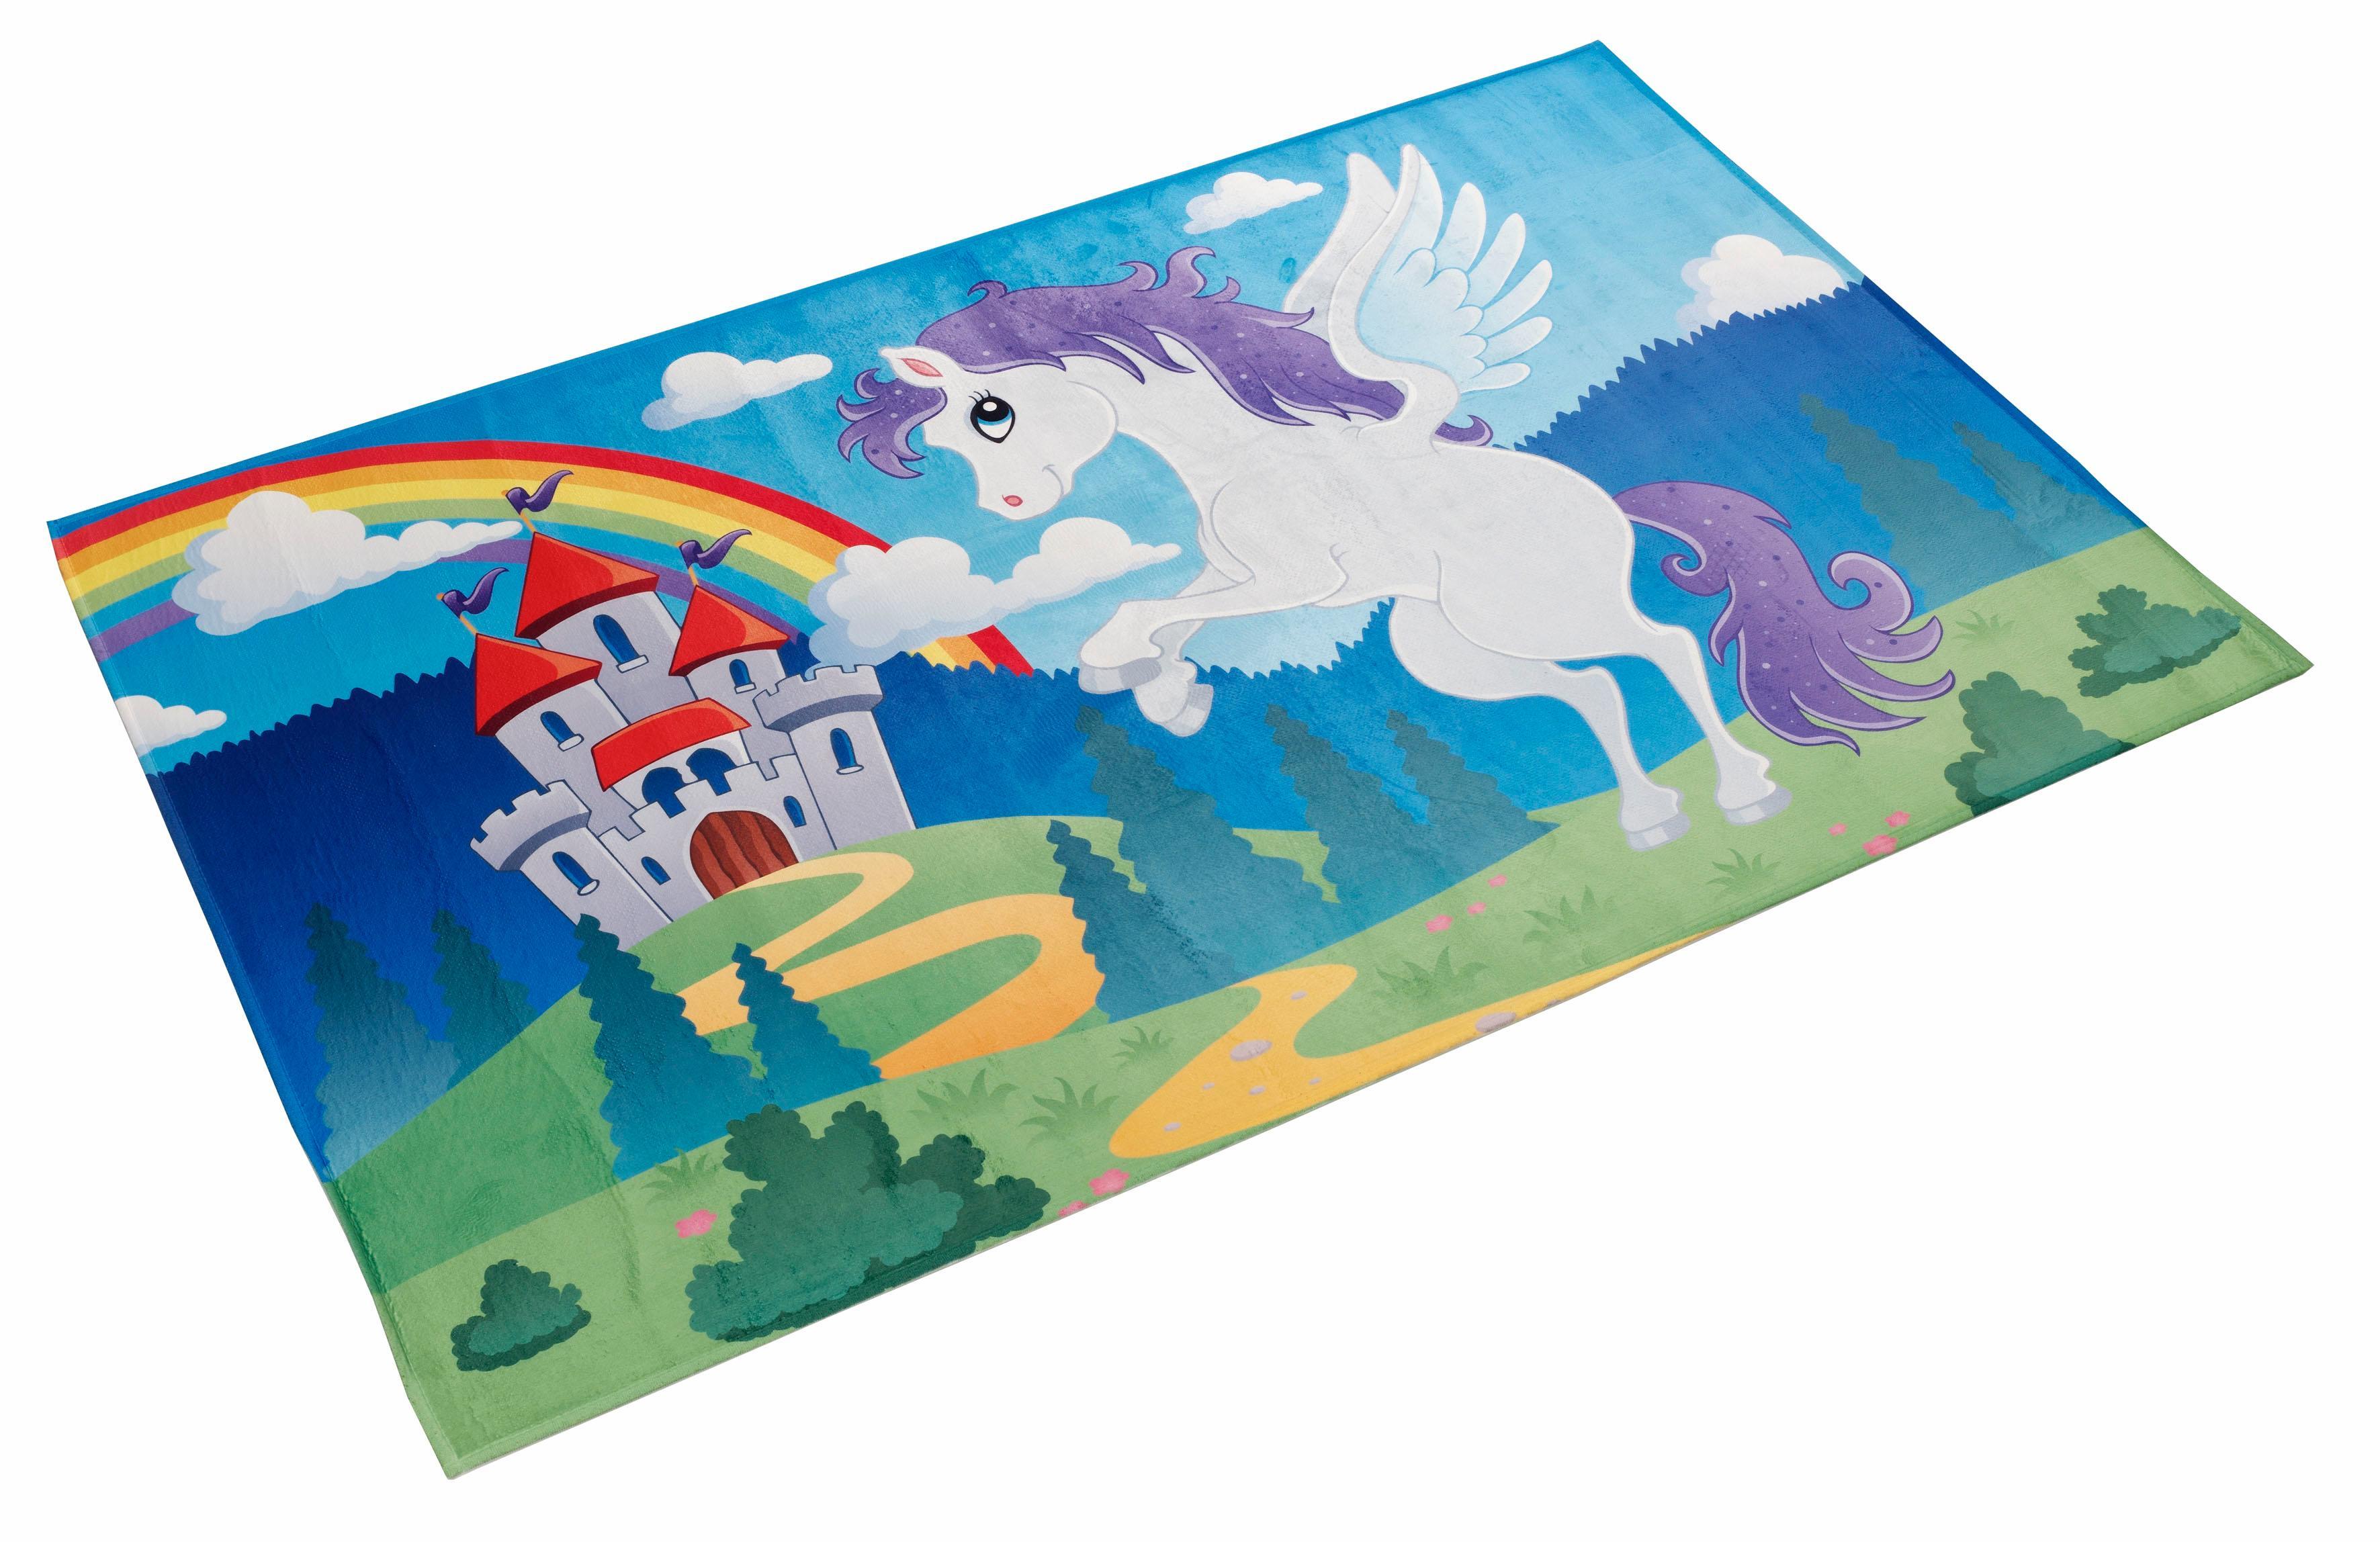 Kinderteppich Lovely Kids 401 Böing Carpet rechteckig Höhe 6 mm gedruckt